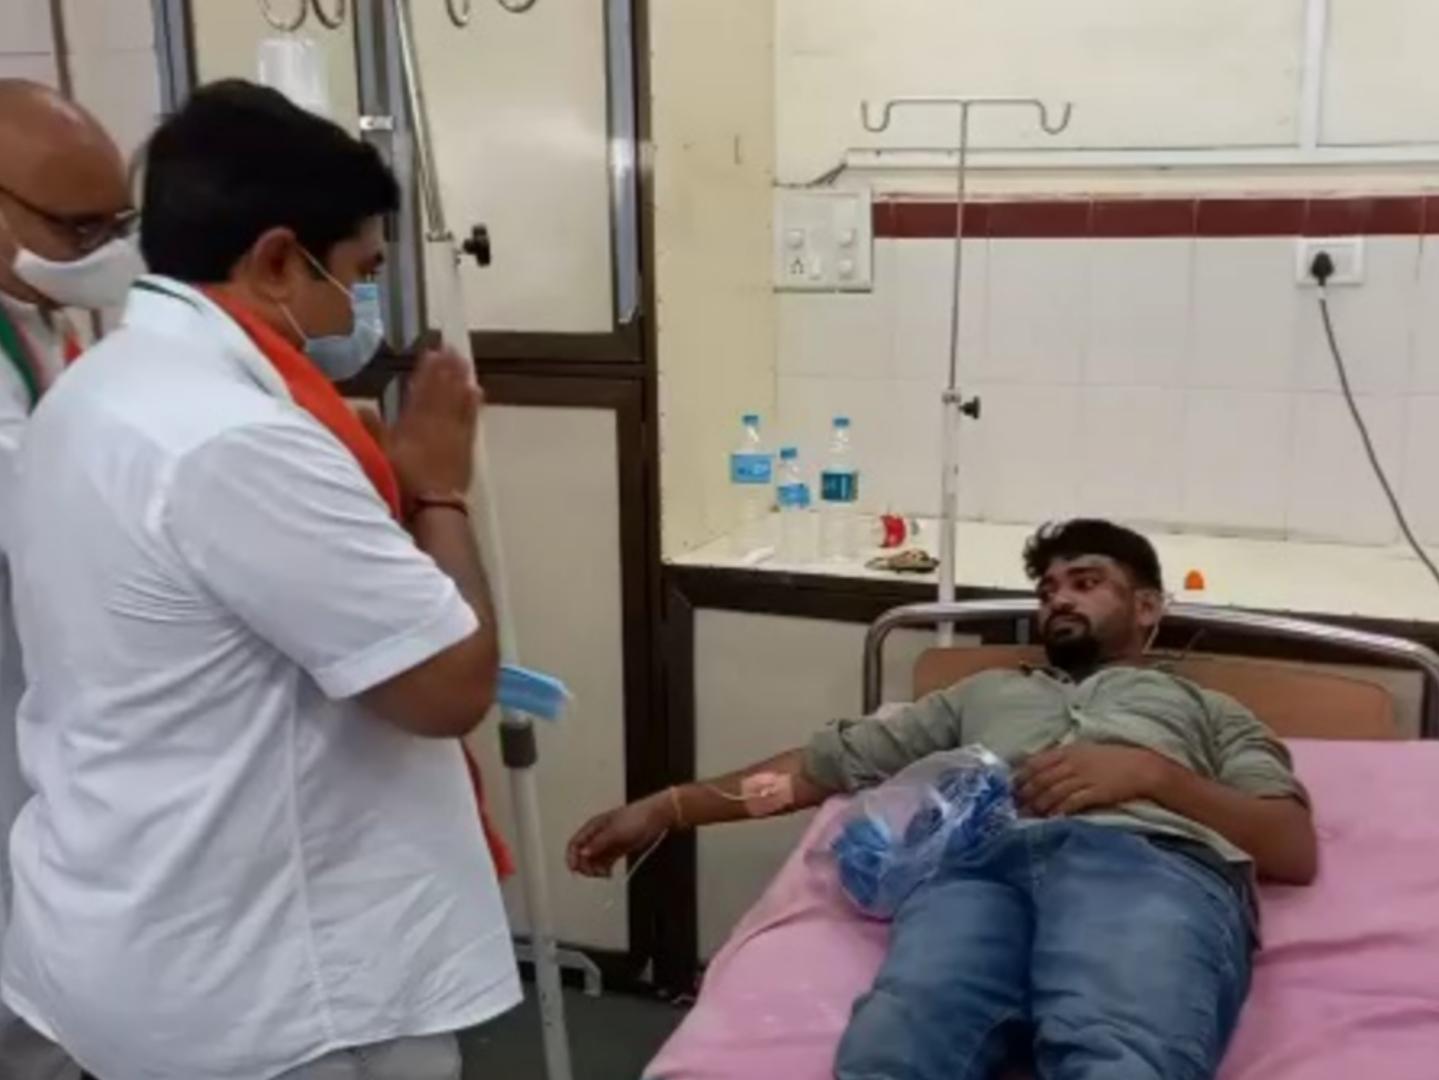 રાહુલ ગાંધીના જન્મદિવસને શહેર કોંગ્રેસે સેવા દિવસ તરીકે ઉજવ્યો, સિવિલ હોસ્પિટલમાં સ્વચ્છતા કીટનું વિતરણ|નવસારી,Navsari - Divya Bhaskar